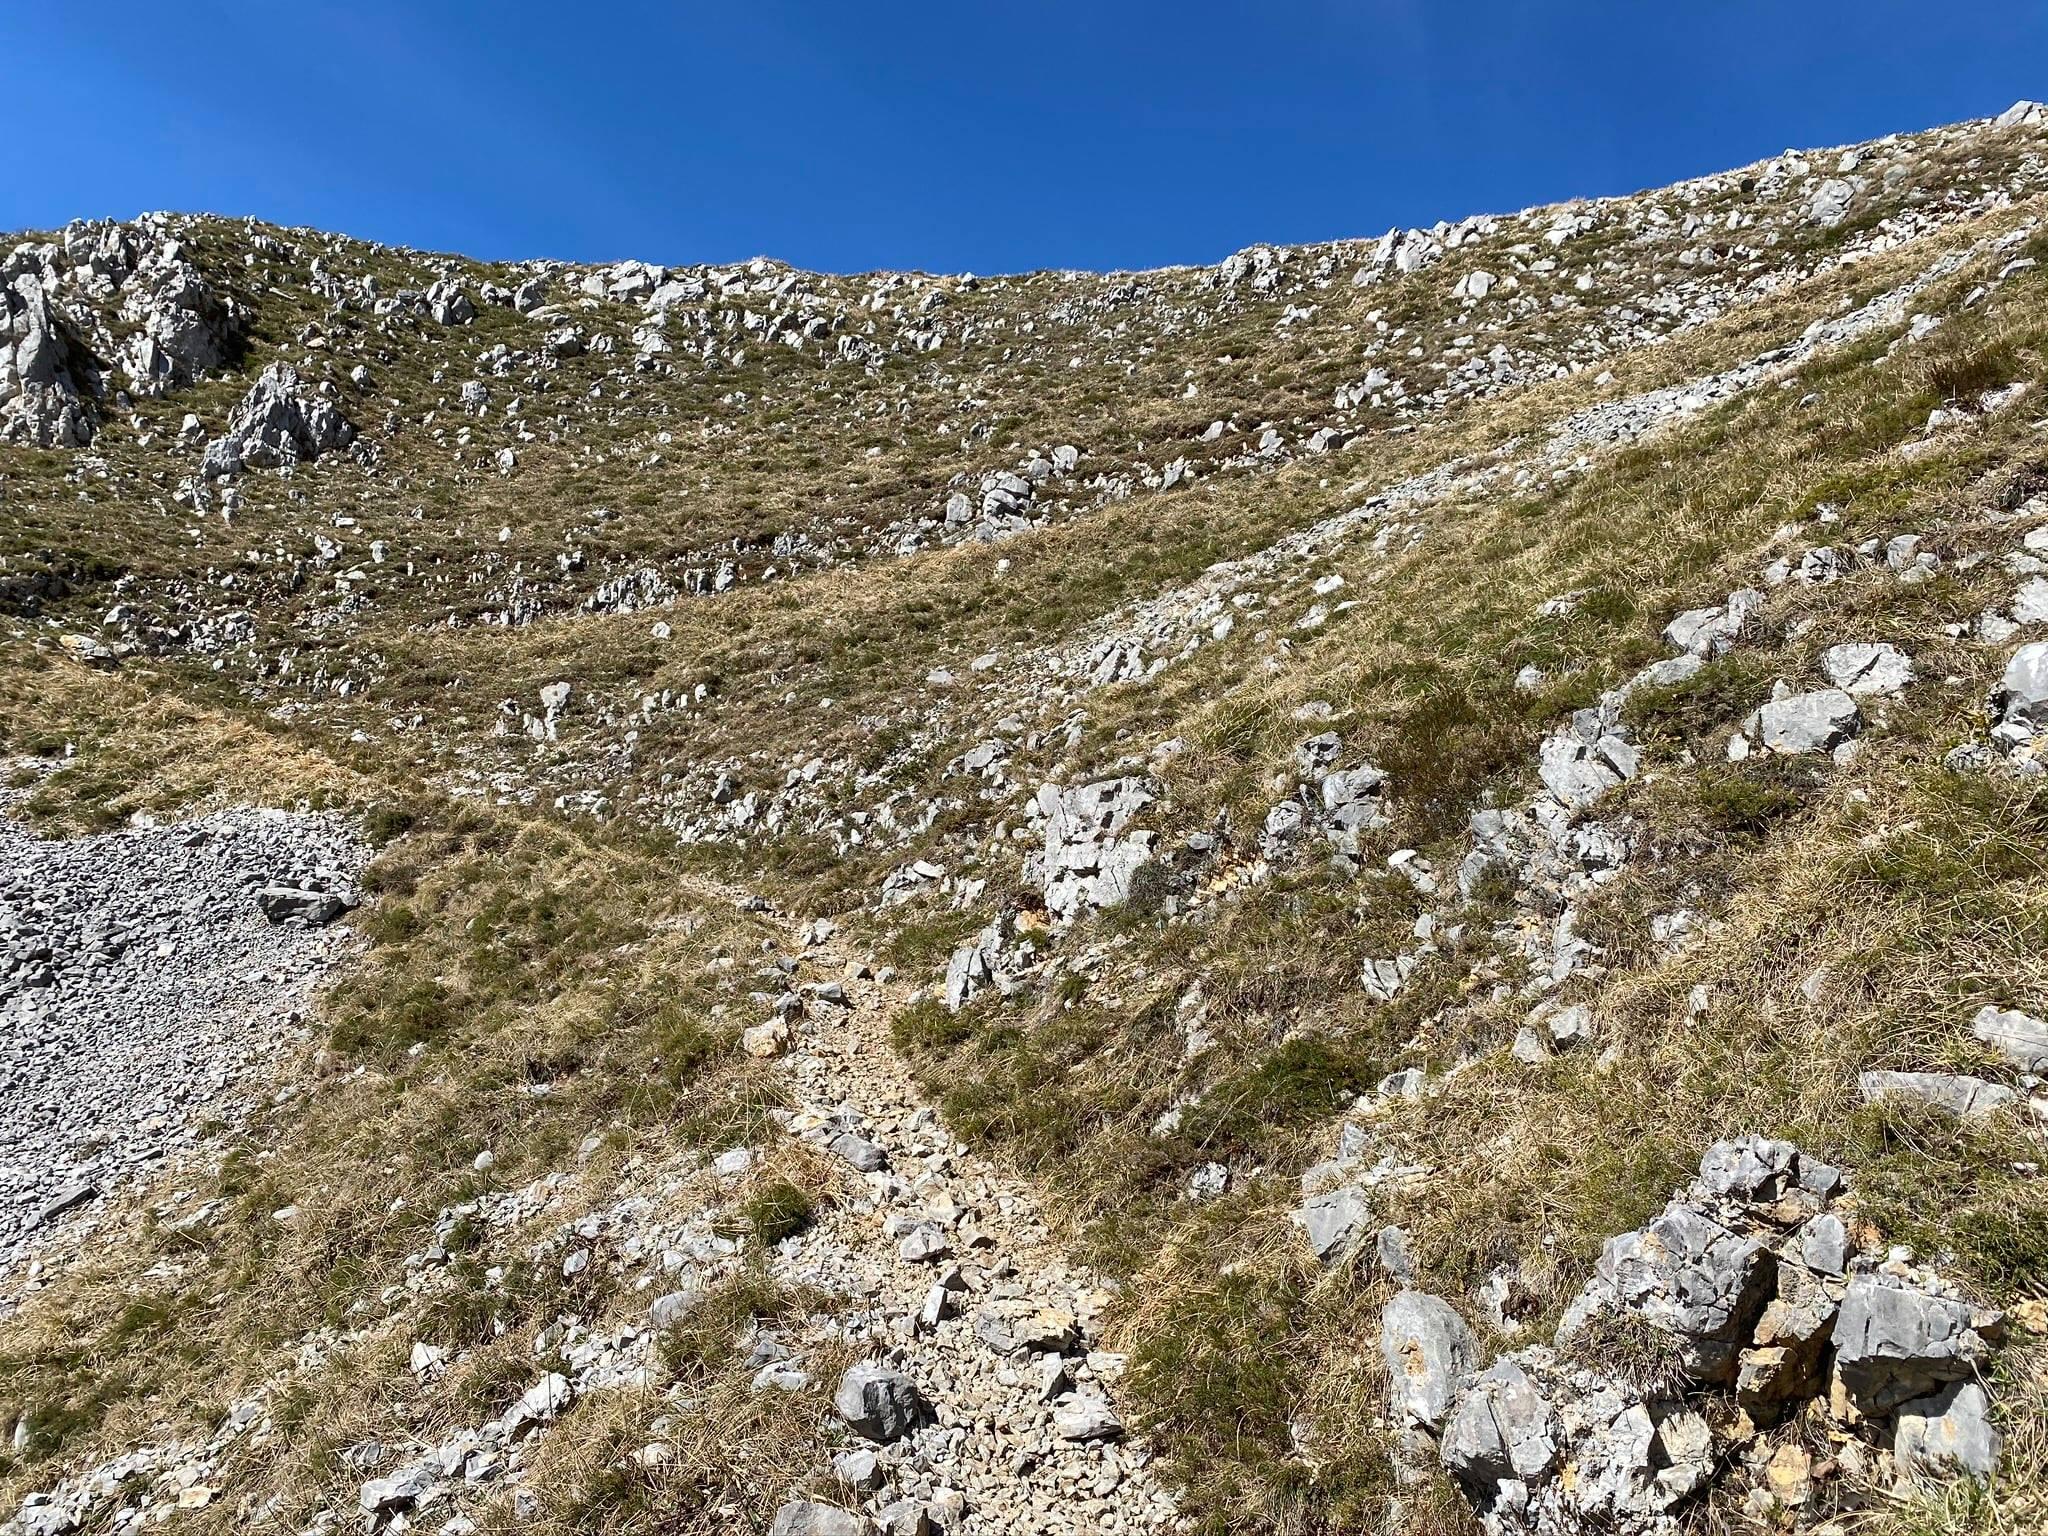 À l'approche du sommet, le sentier est de plus en plus caillouteux.